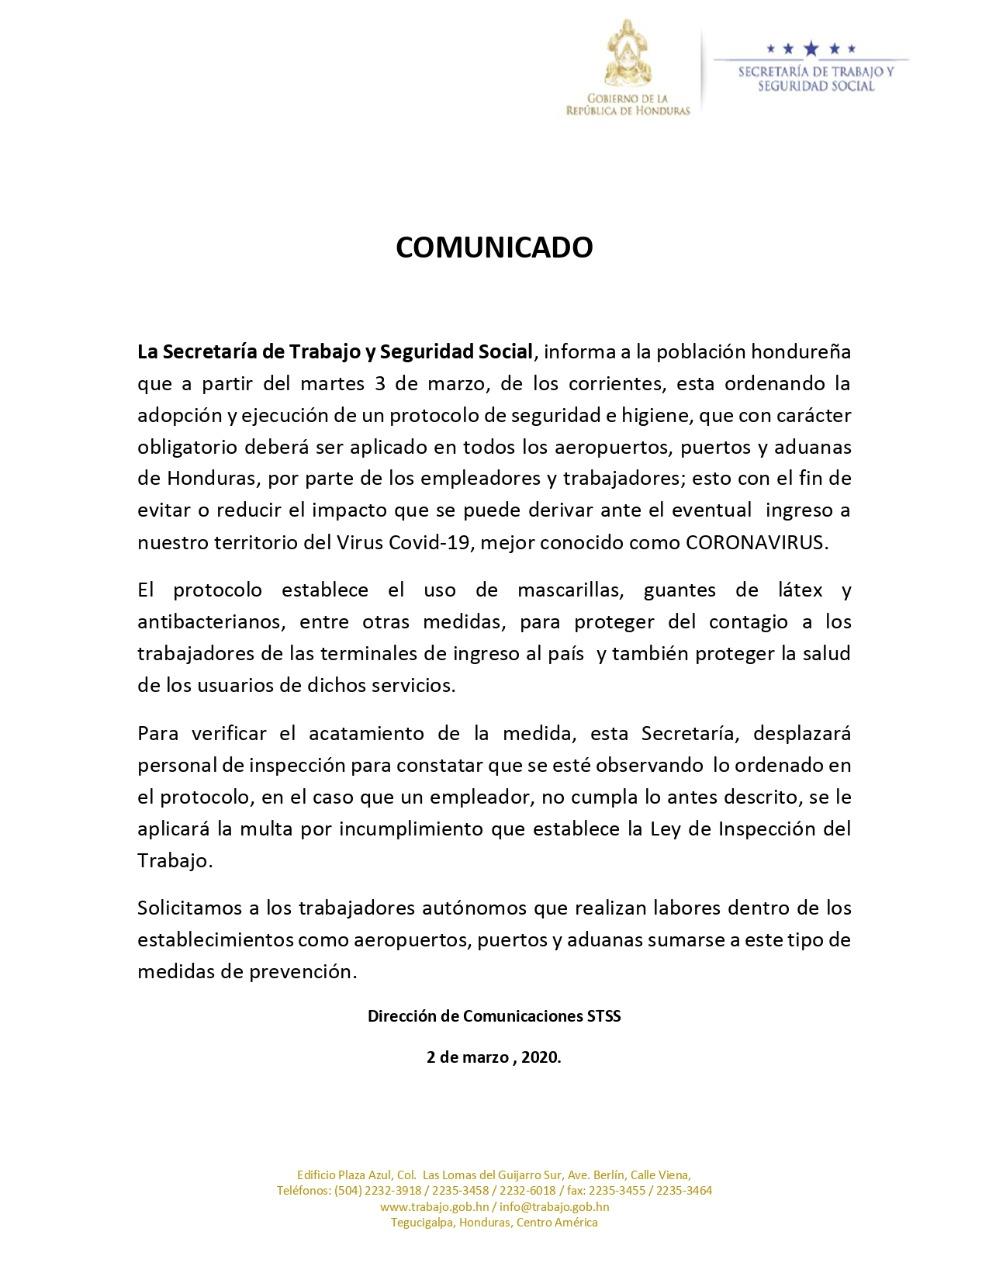 Refuerzan medidas de control en aeropuertos y fronteras de Honduras para prevenir el coronavirus